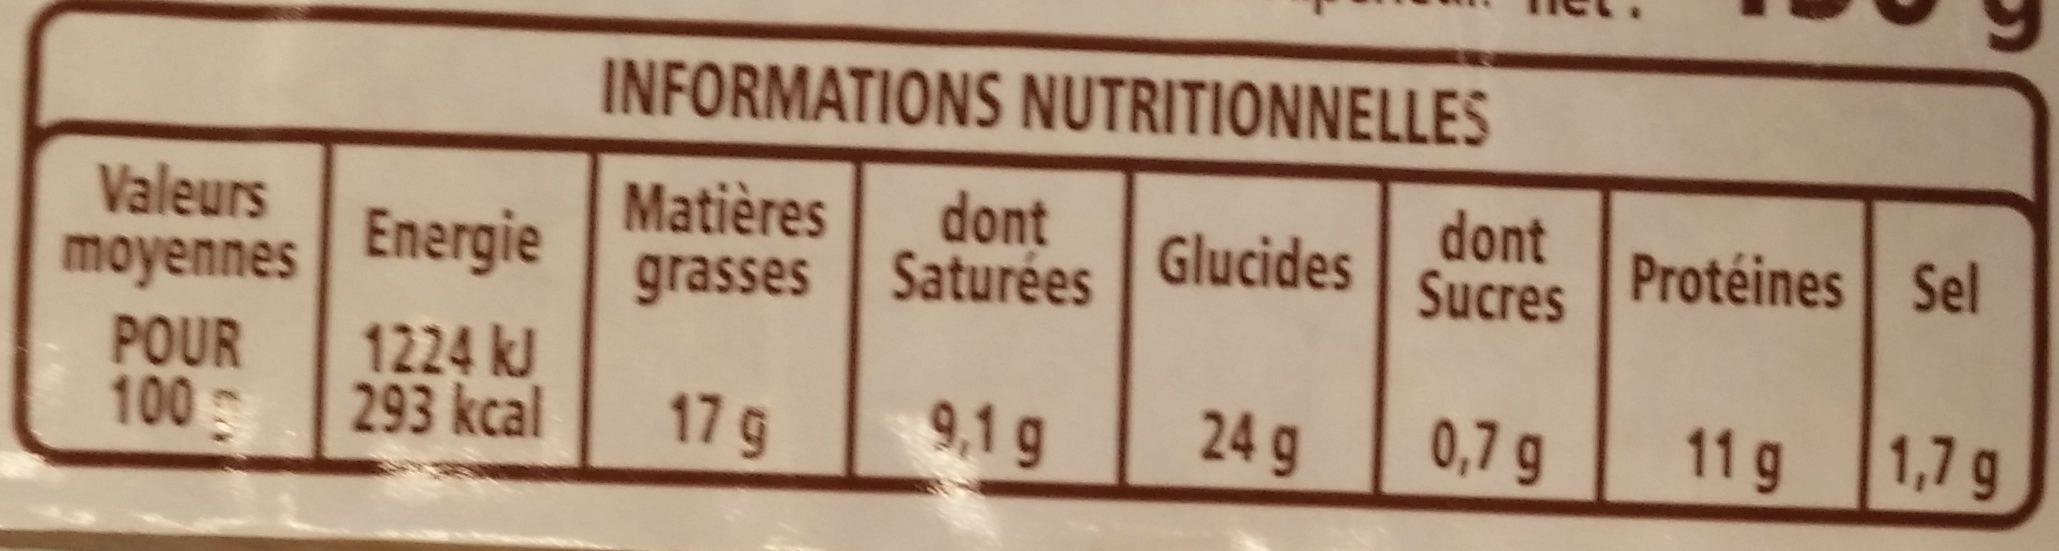 Pâté en croûte supérieur Label Rouge - Nutrition facts - fr